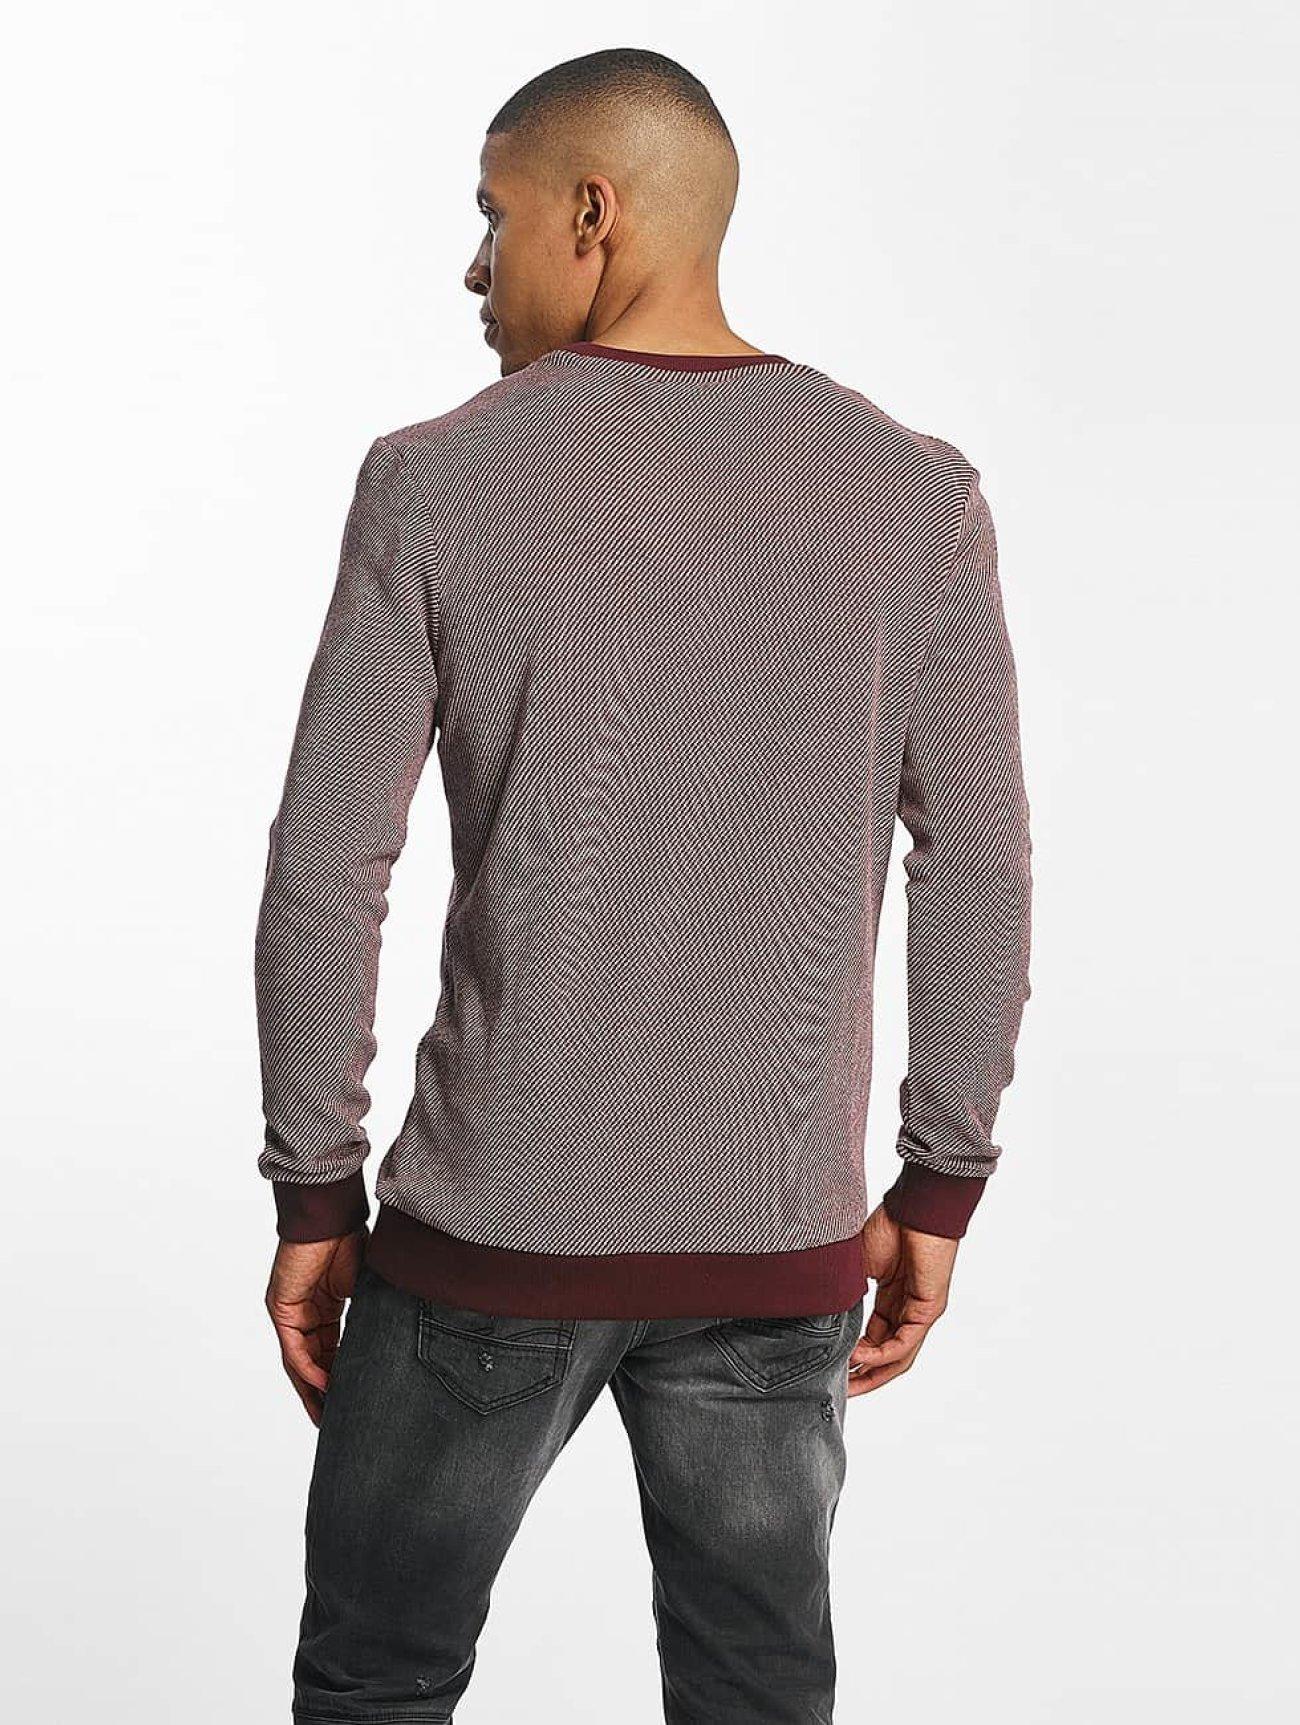 Mavi Jeans Yläosat | Milian  Puserot | punainen 355427